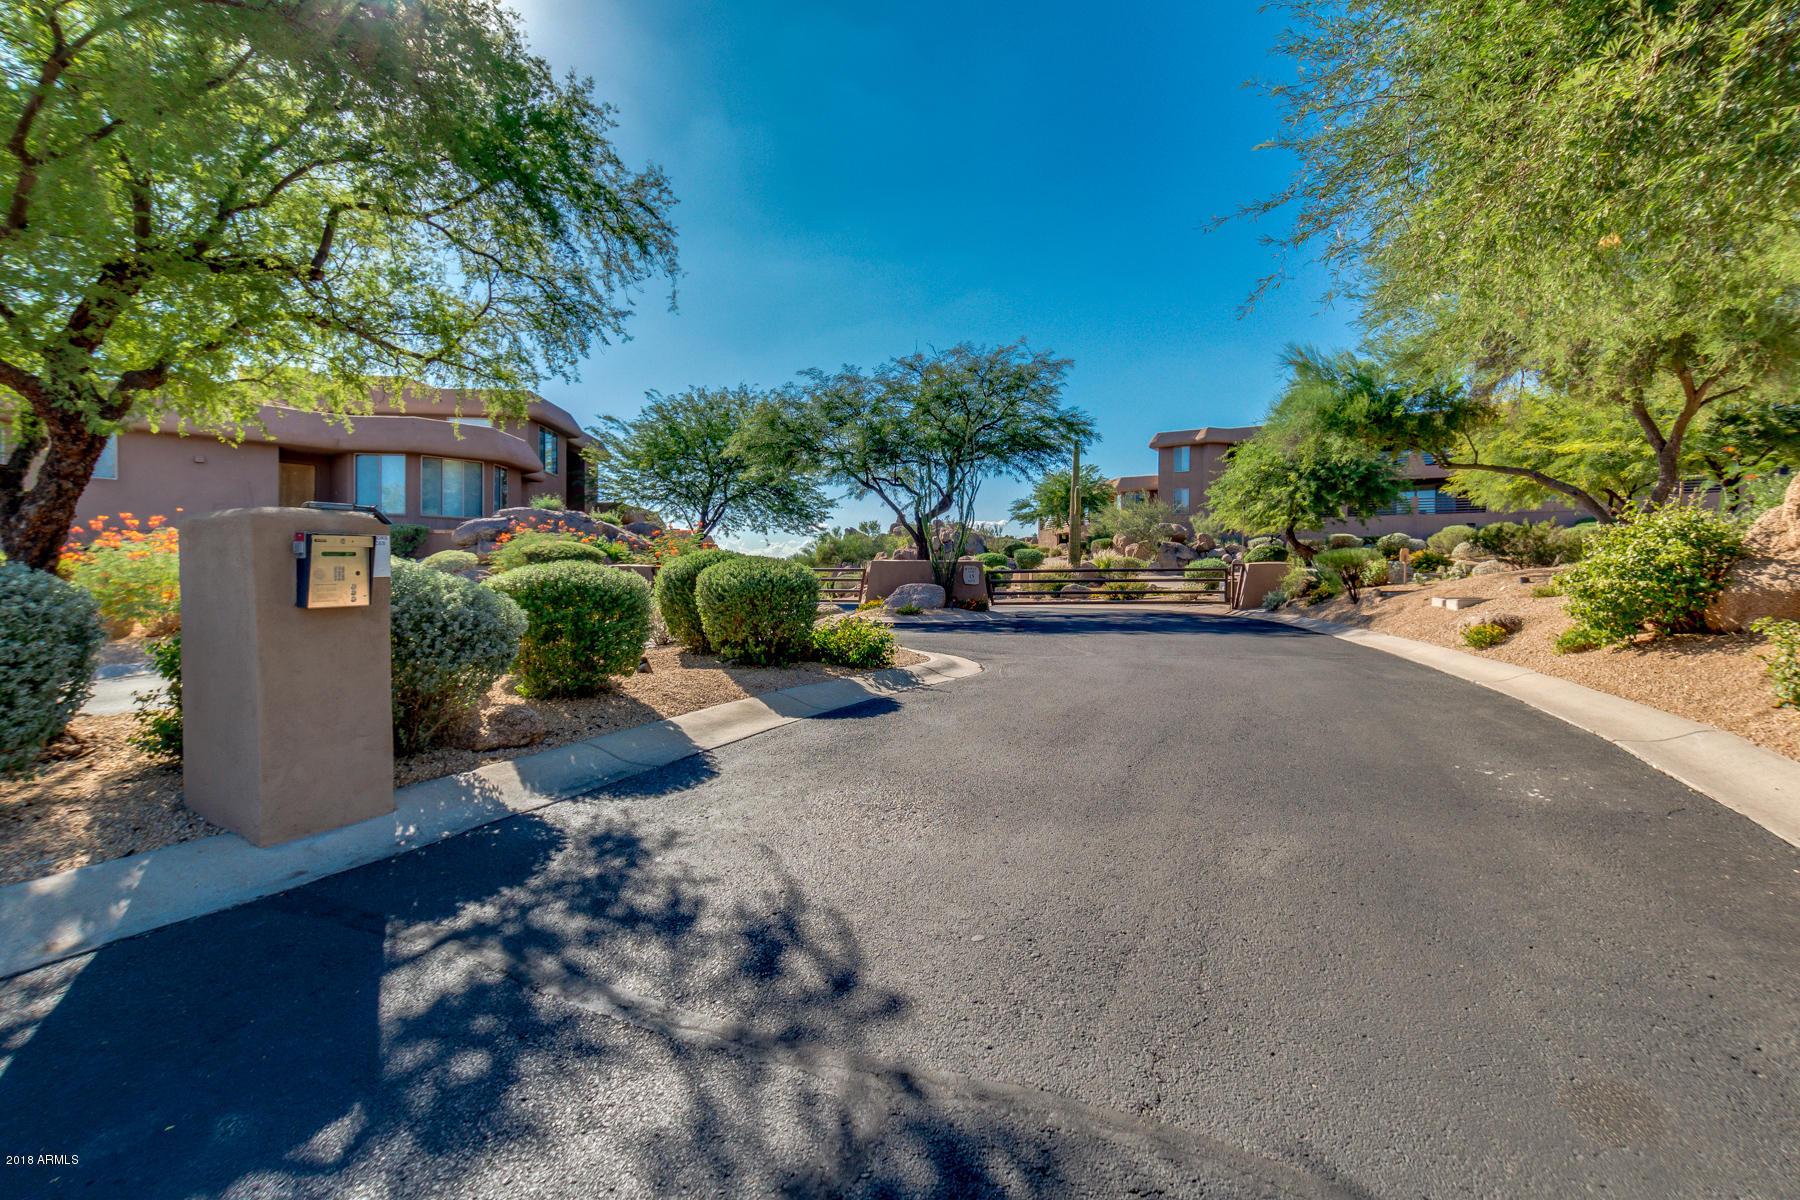 MLS 5814922 10222 E Southwind Lane Unit 1019 Building 5, Scottsdale, AZ 85262 Scottsdale AZ Troon North